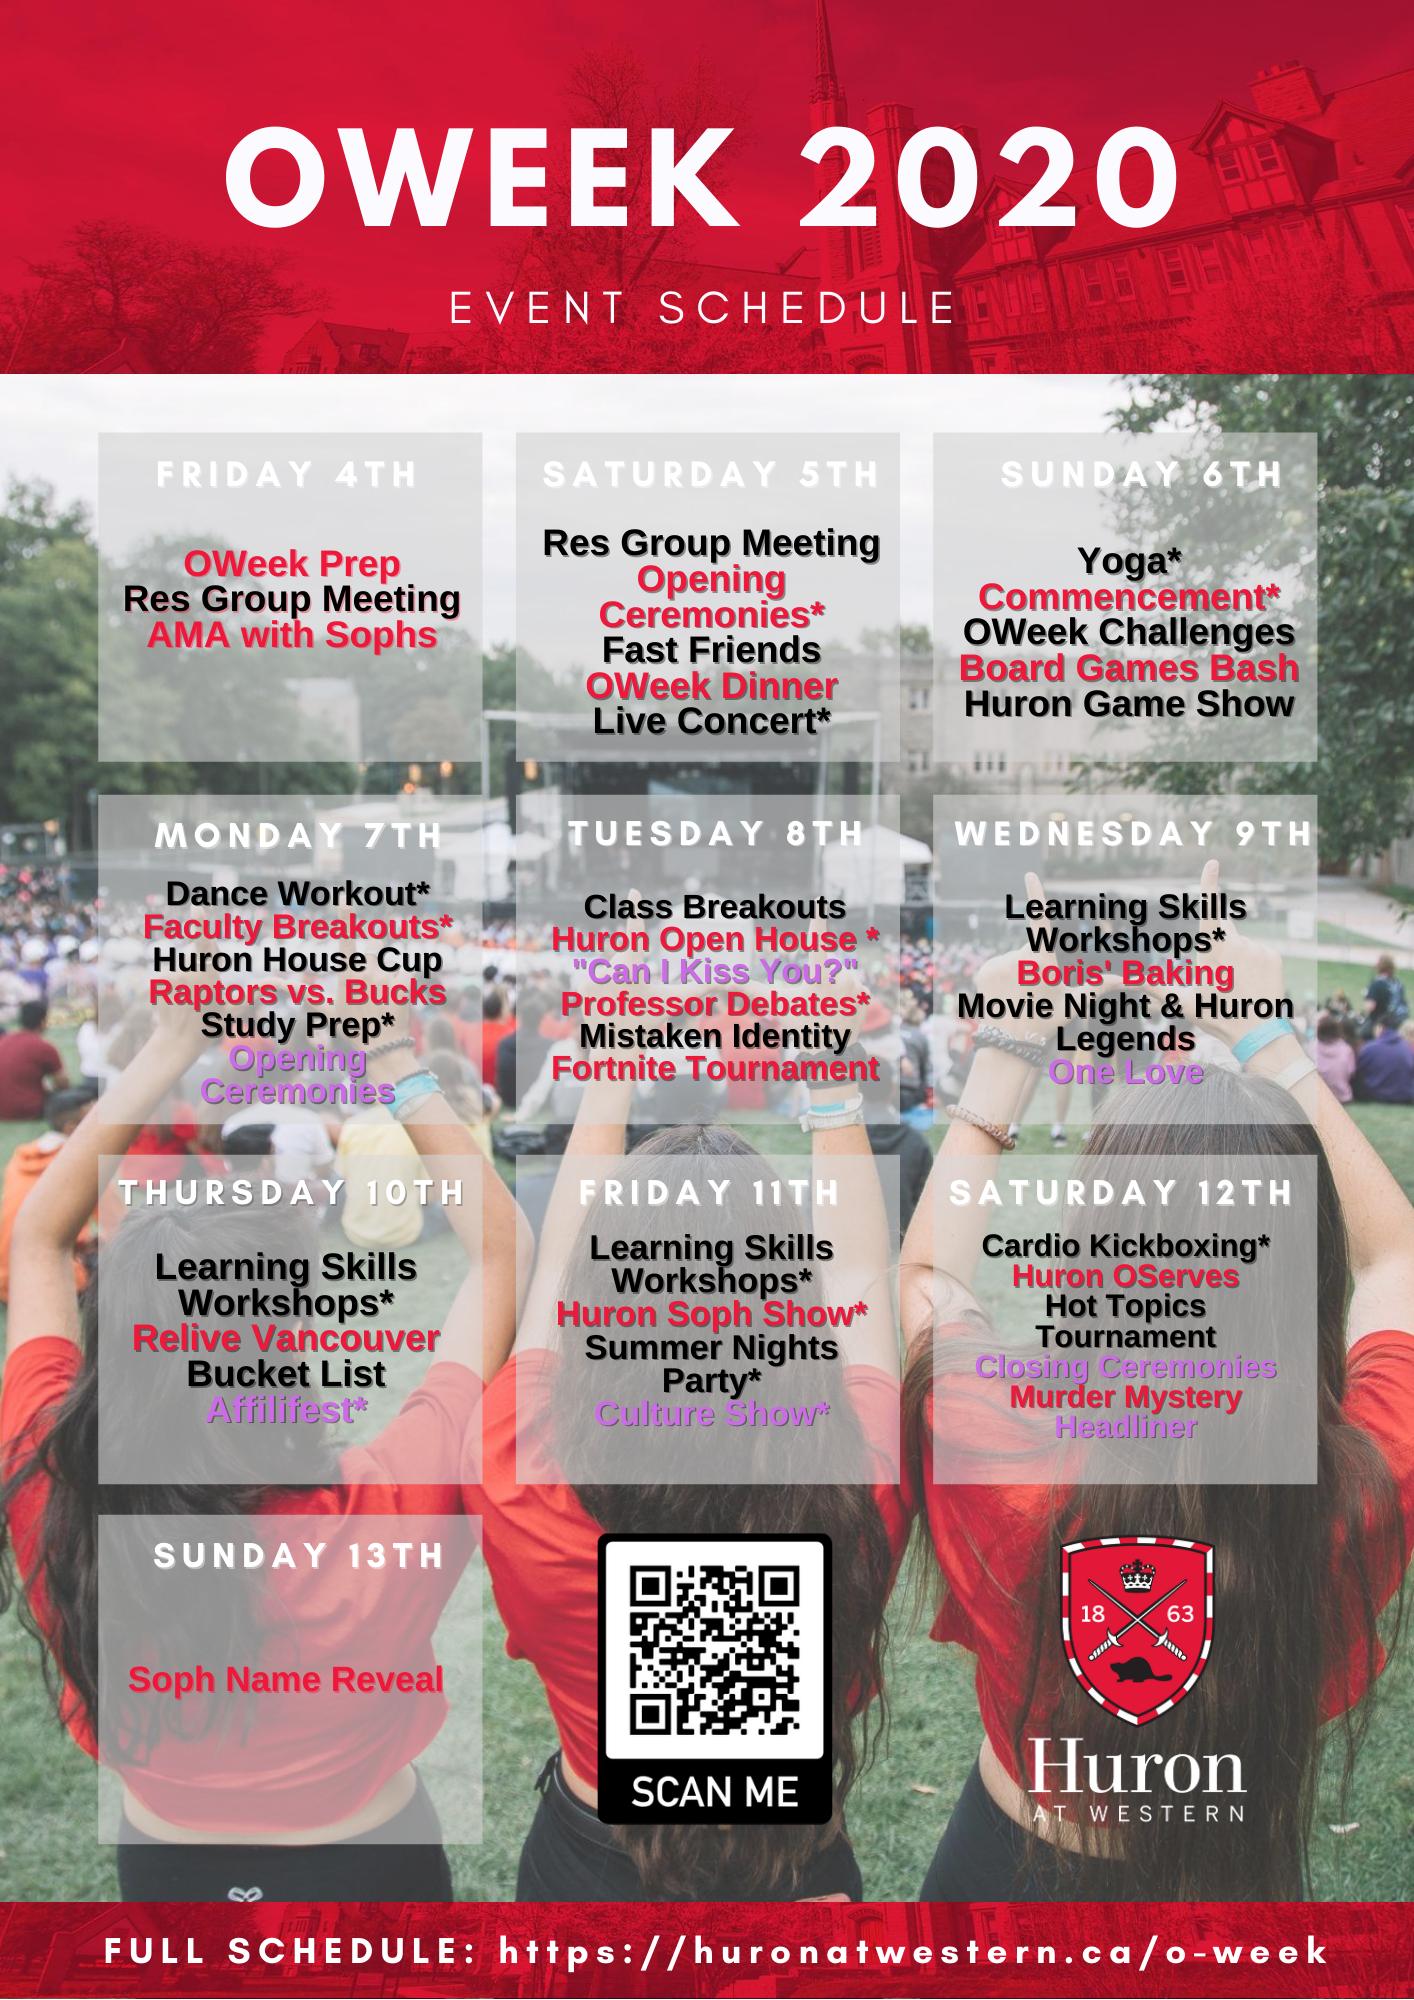 OWeek Schedule Summary